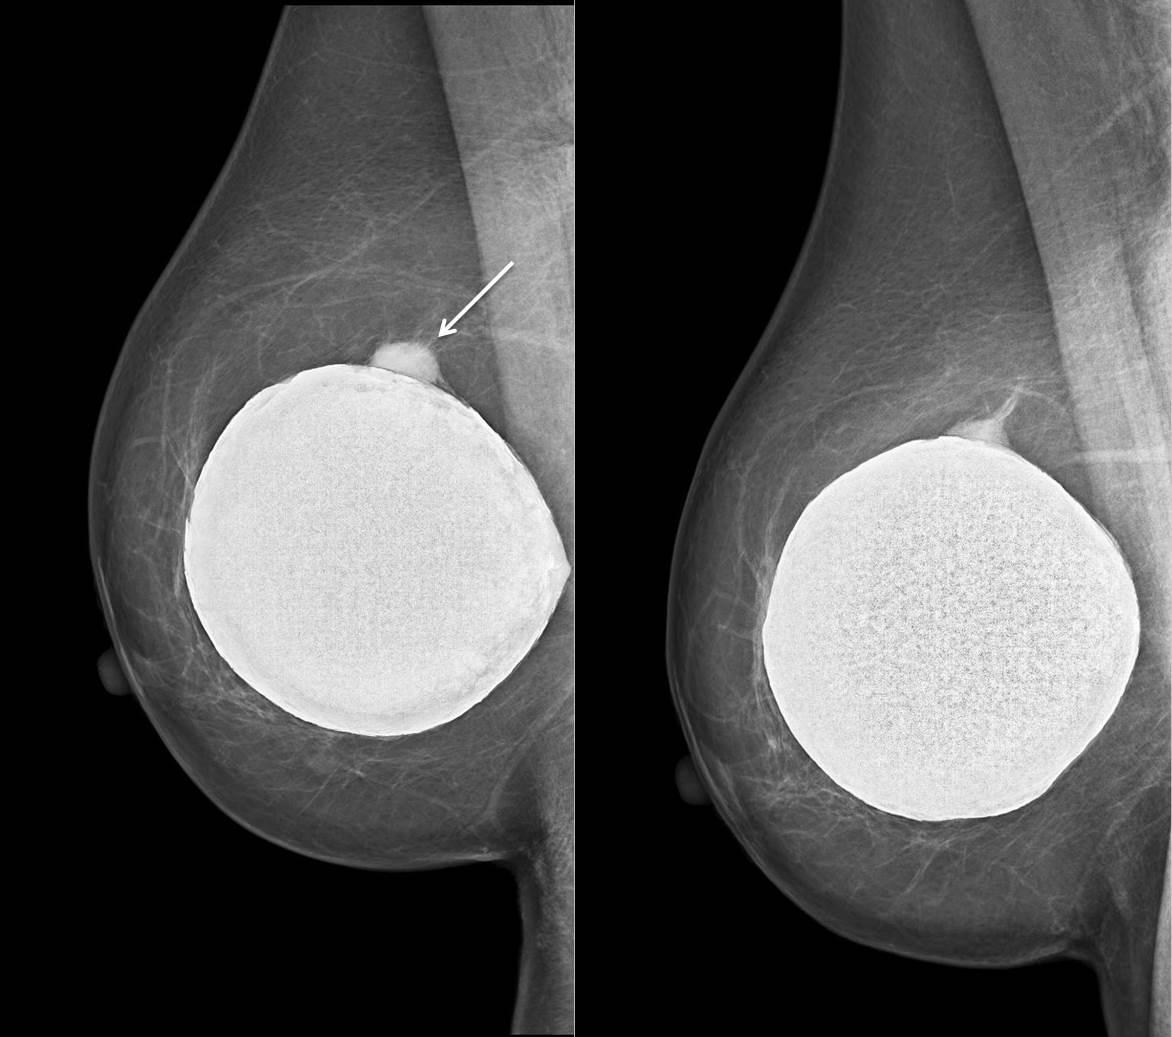 Los implantes de seno y la detección temprana del cáncer